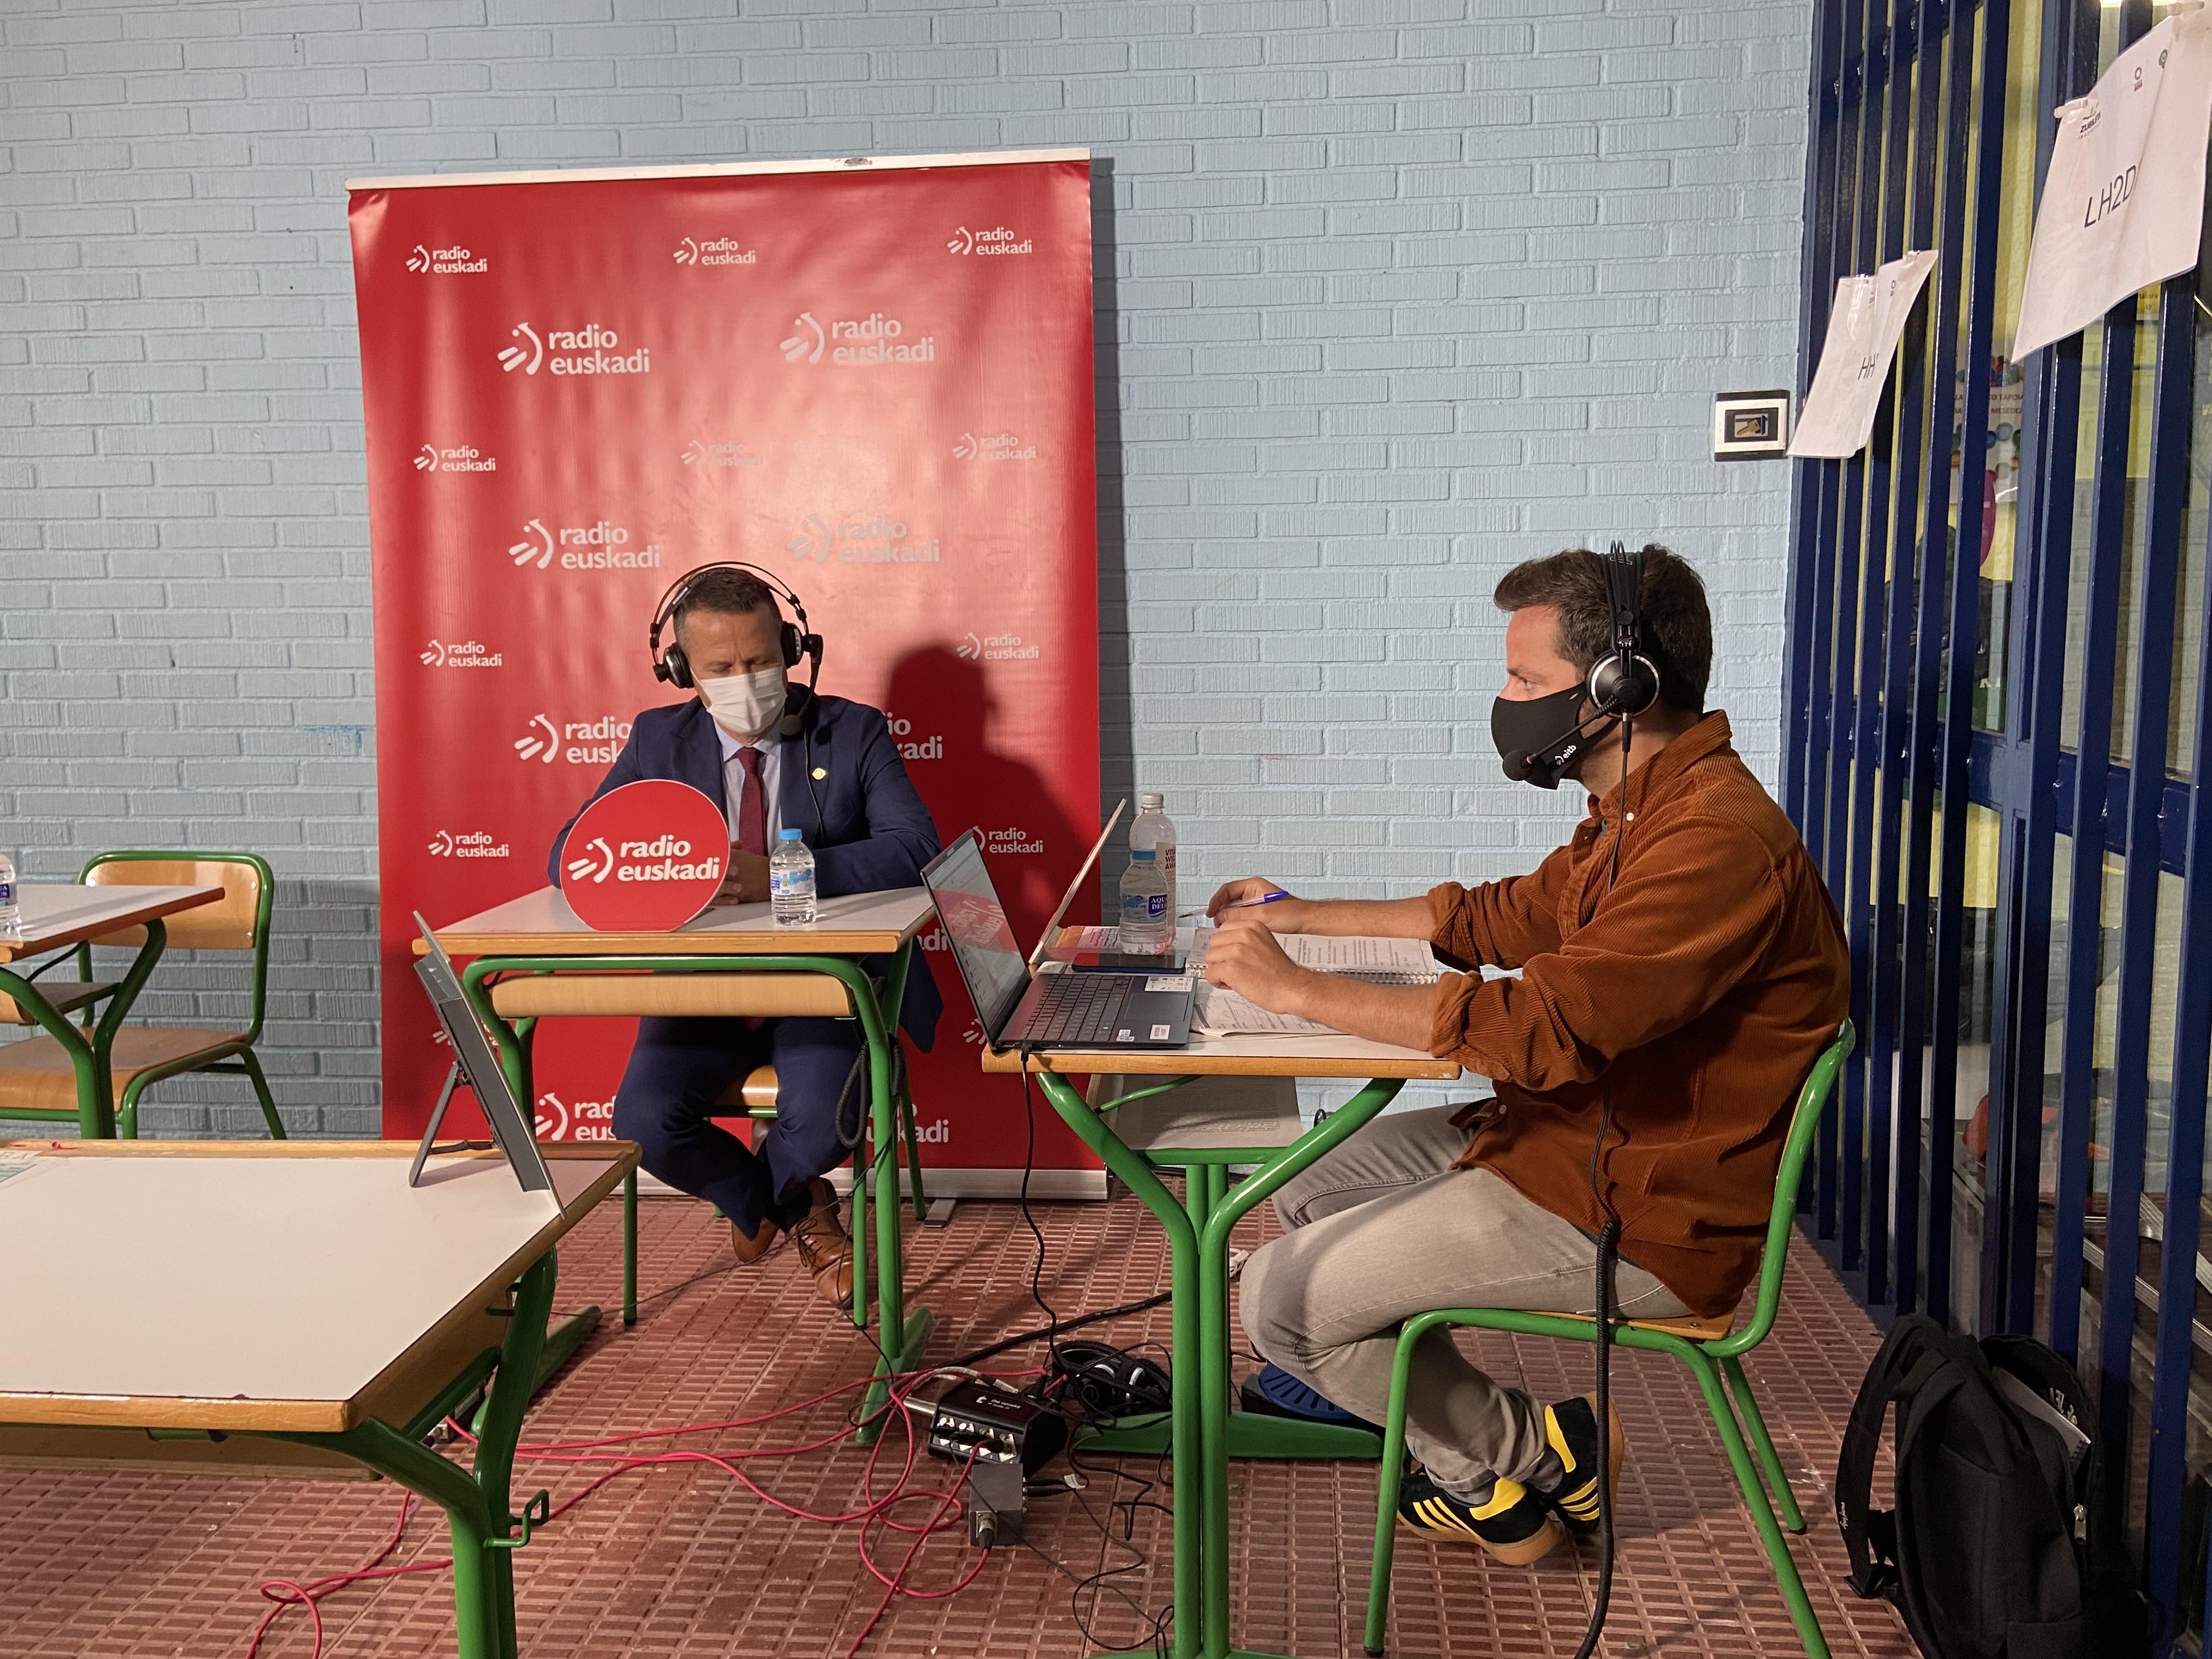 Jokin Bildarratzi elkarrizketa Radio Euskadin, Getxoko Zubilleta ikastetxe publikotik [29:50]